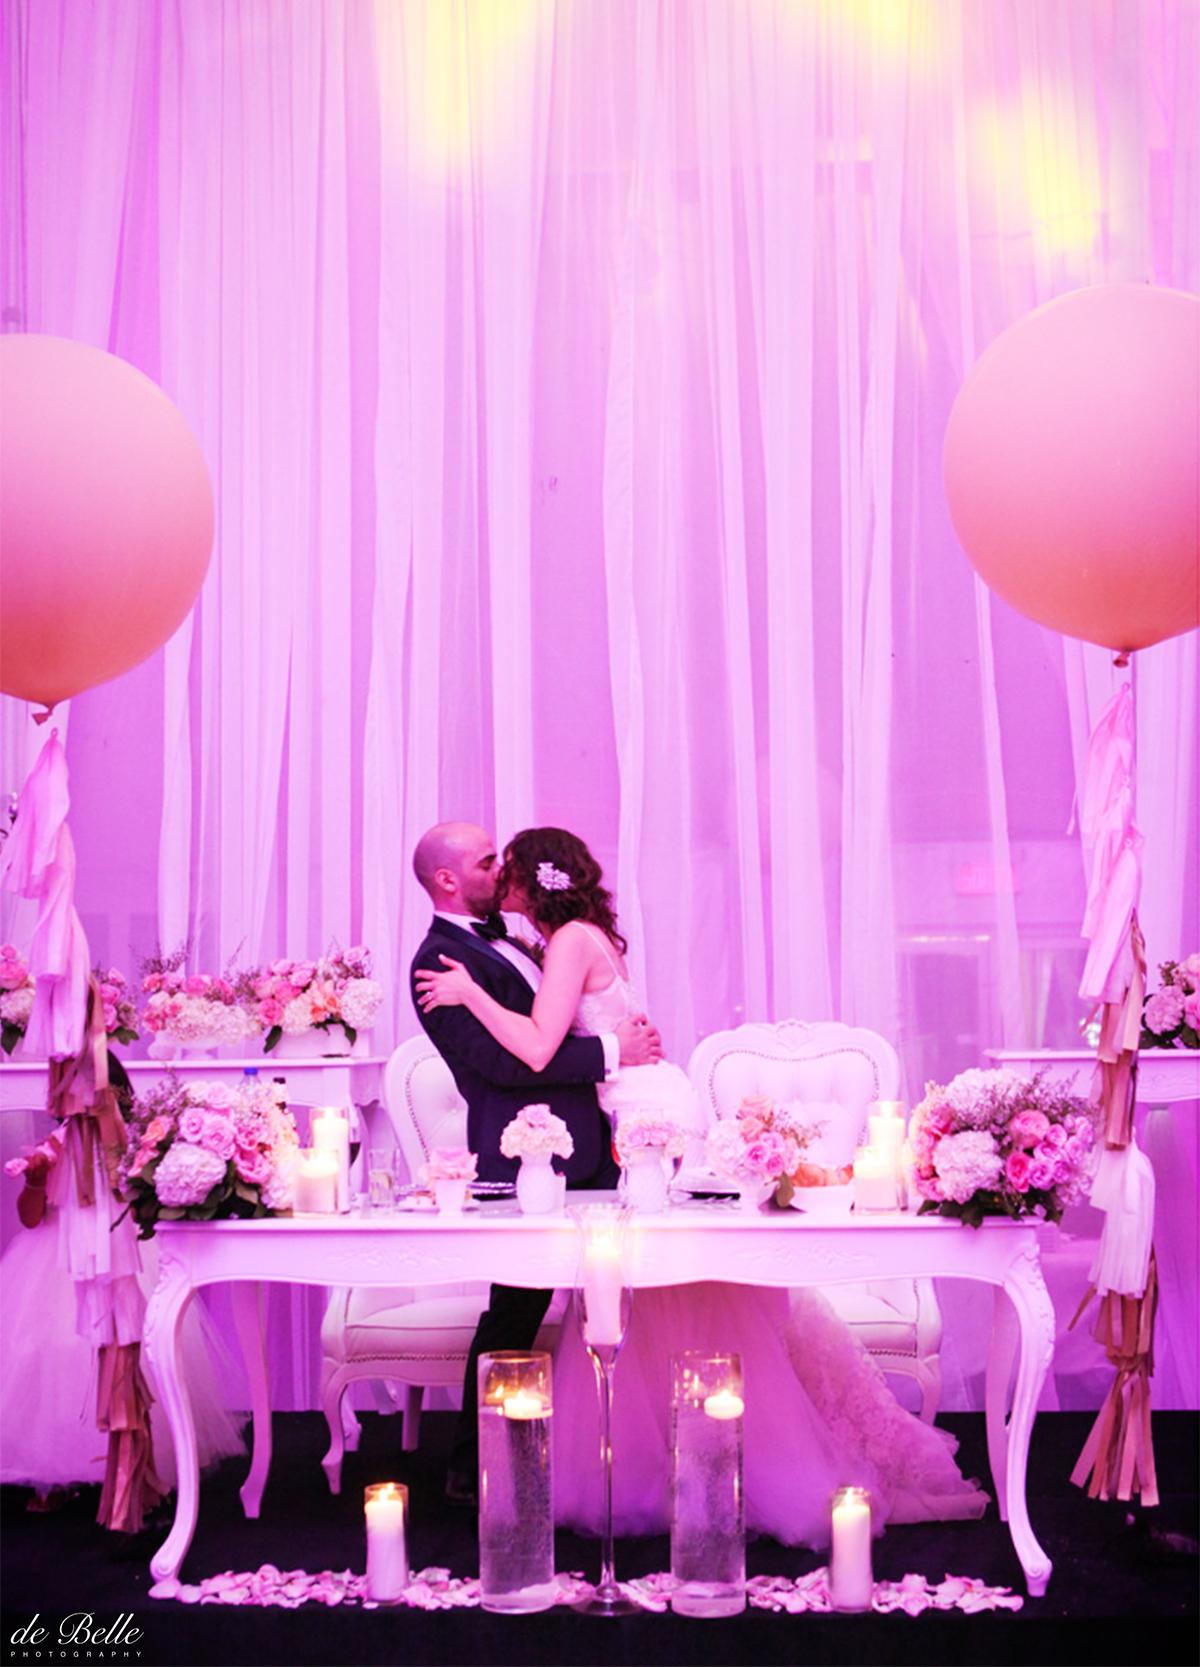 Montreal-Wedding-Photographer-Debelle-SD14